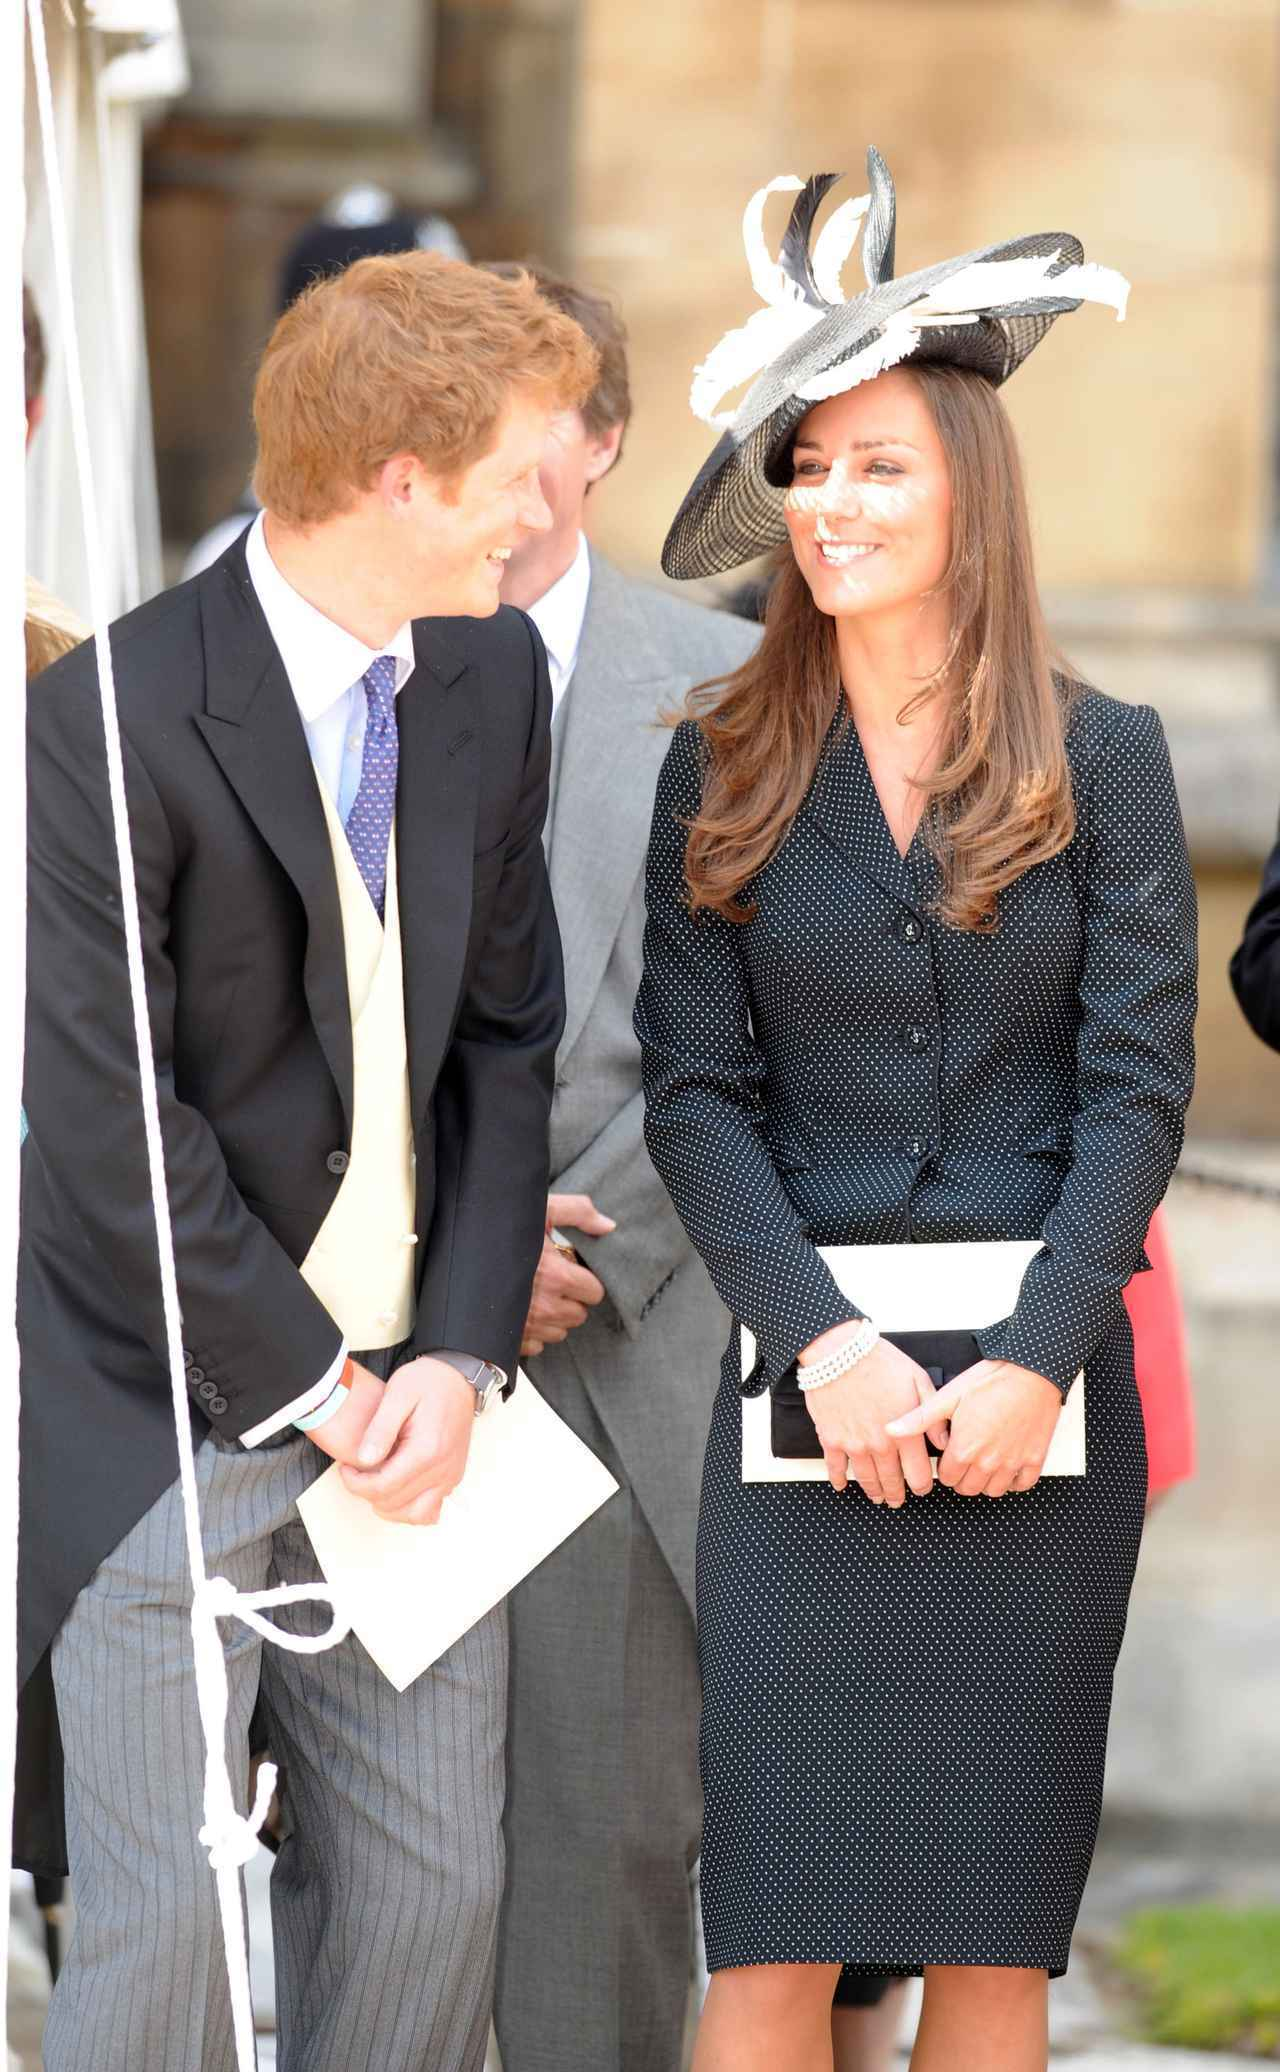 画像: 復縁後の公務にて、ヘンリー王子と談笑するキャサリン妃。